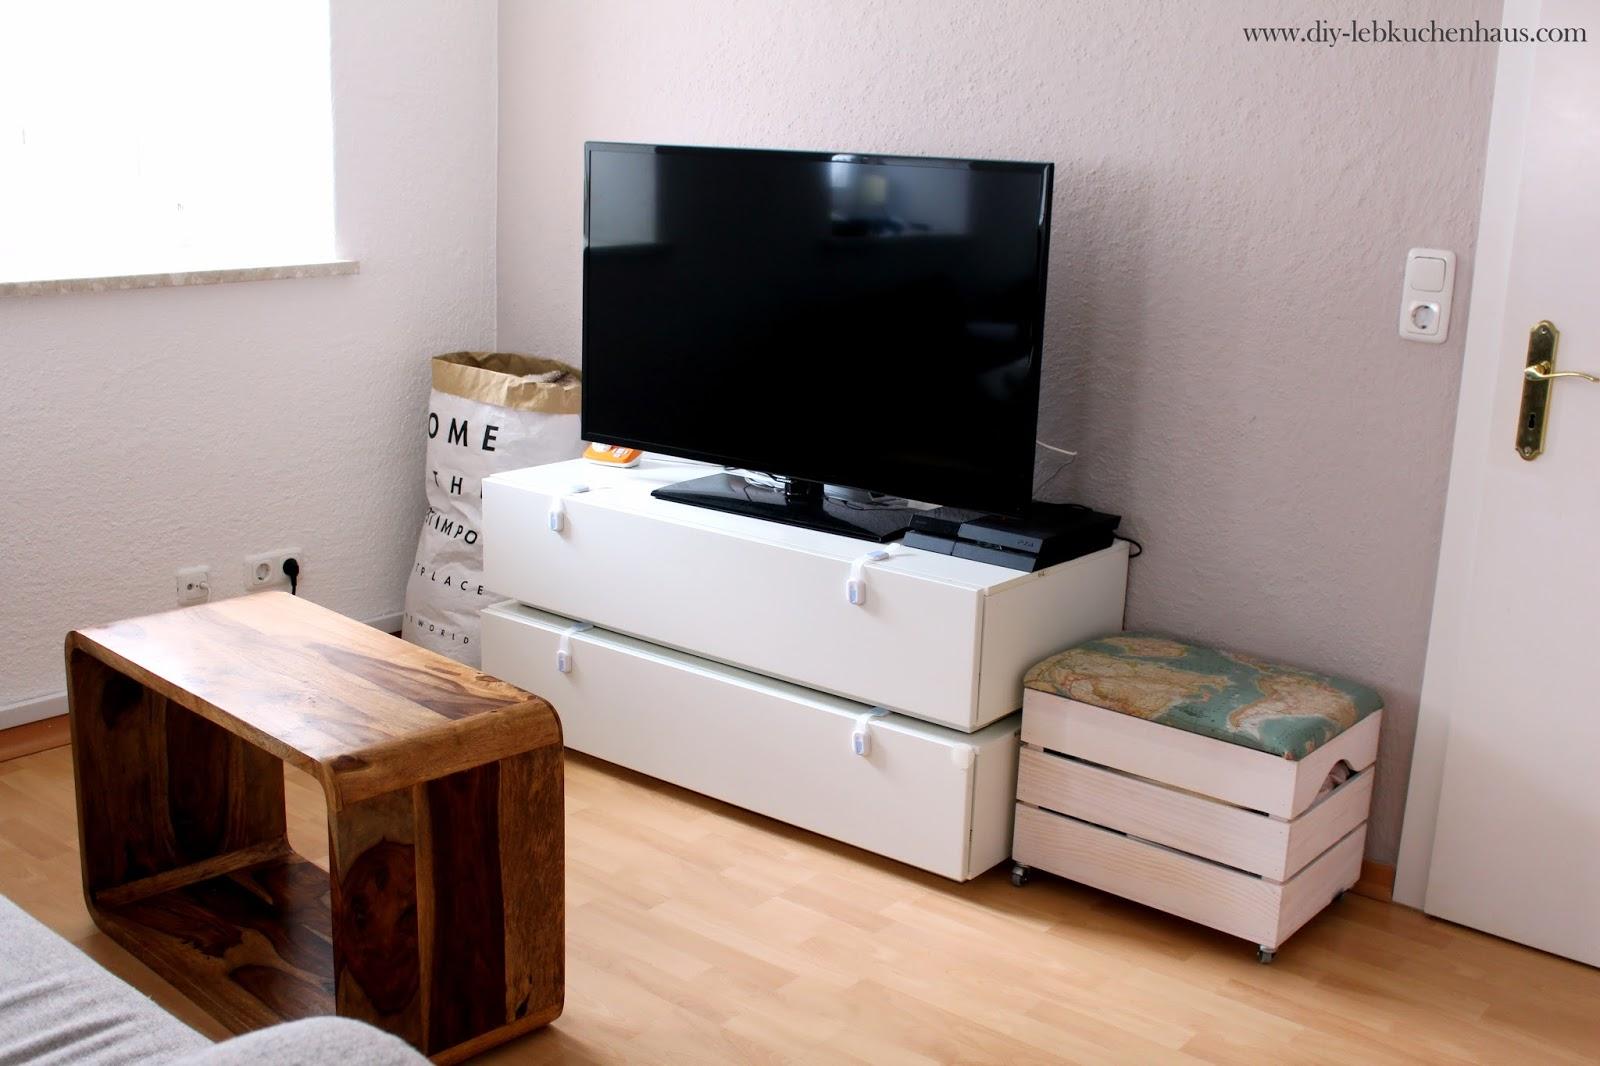 2 geniale Farbideen: Wohnzimmer gestalten mit neuer Farbe